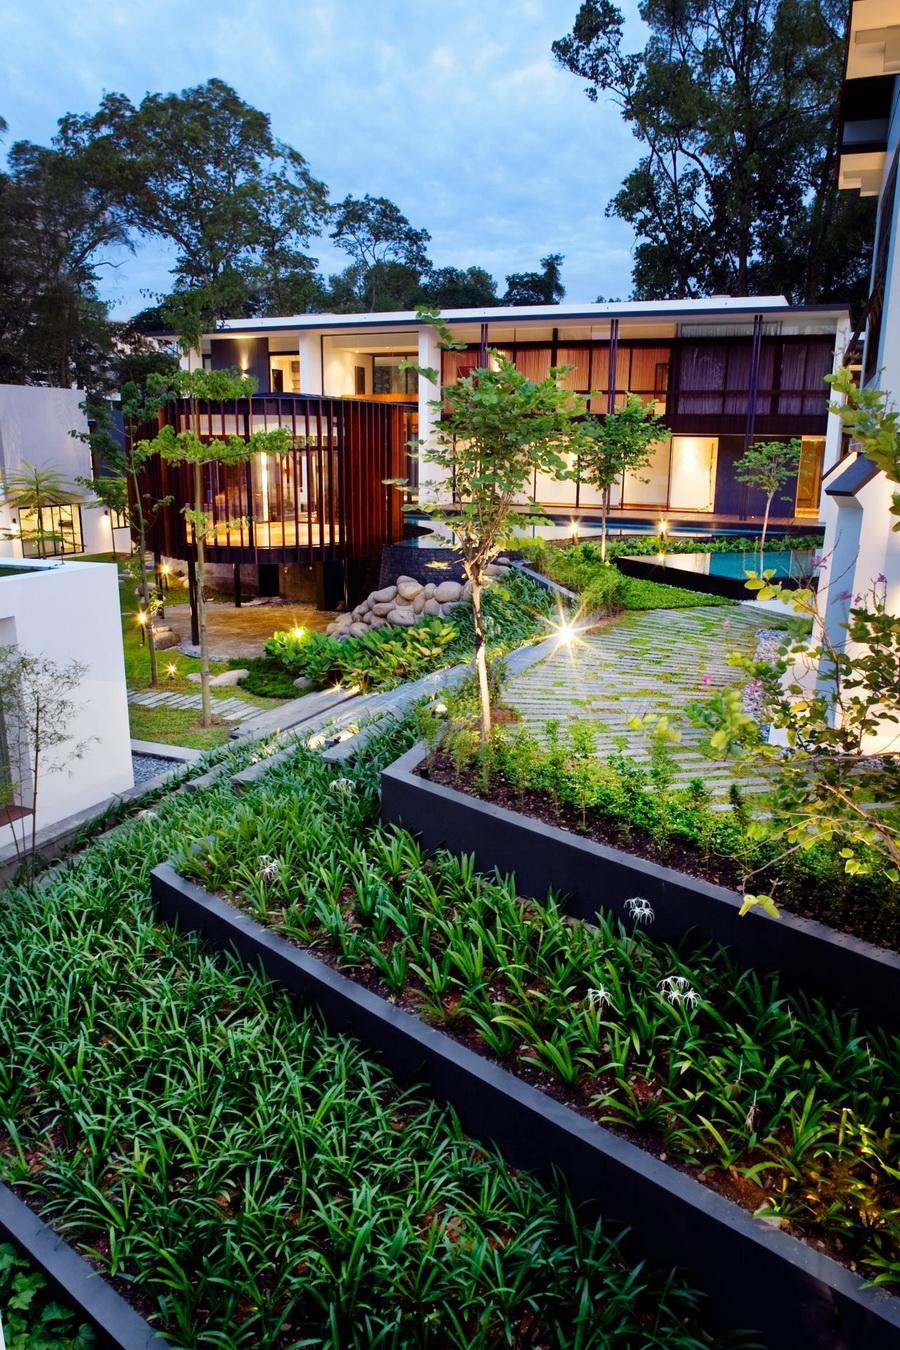 svetlii_prostornii_i_stilnii_dom_singapyr_3.jpg